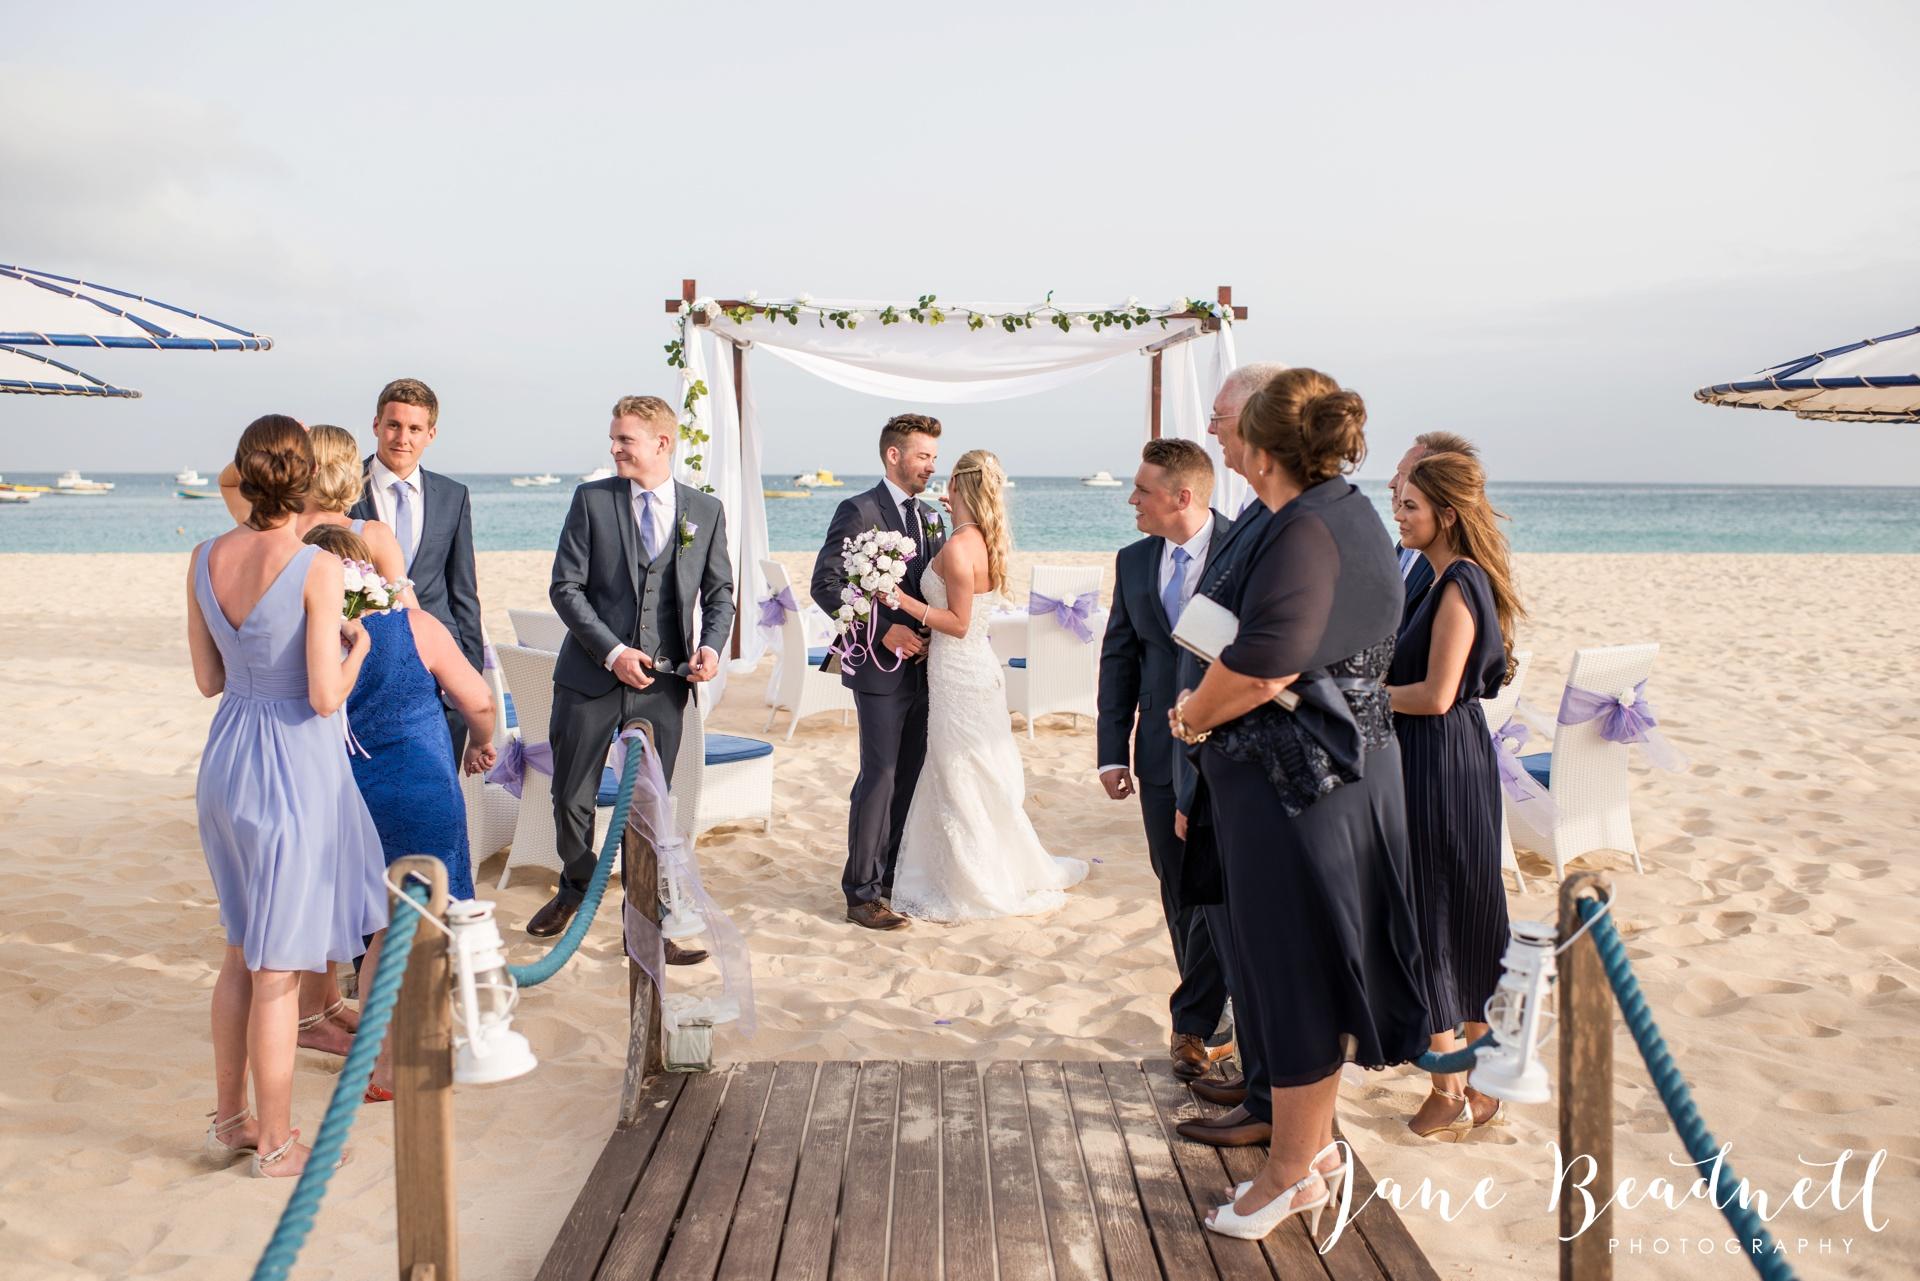 Jane Beadnell fine art wedding photographer Leeds Destination wedding photographer_0021